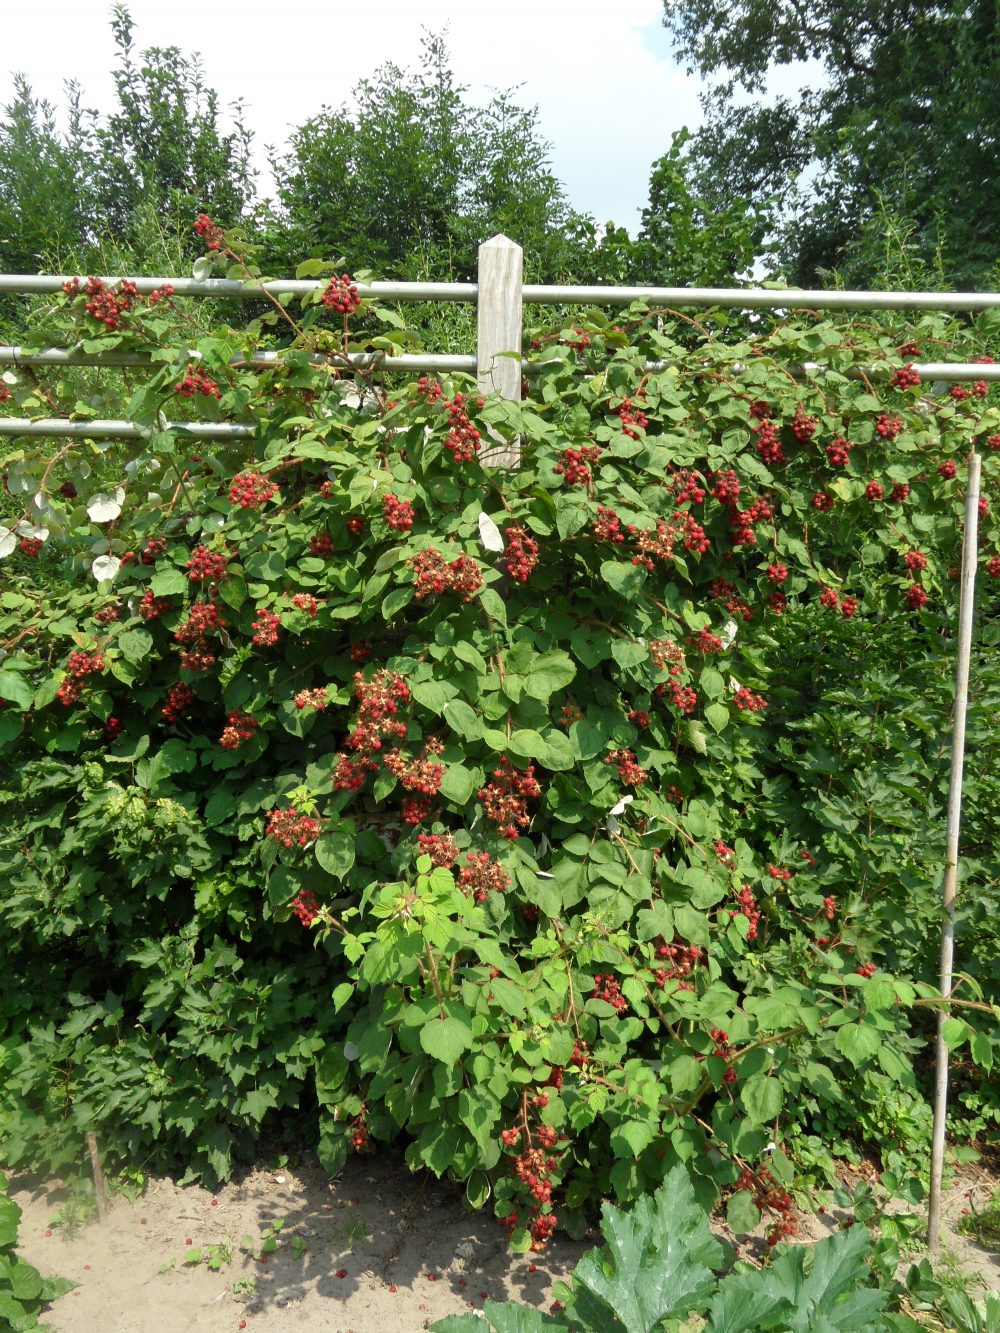 moestuin fruit Rubus phoenicolasius japanse wijnbes ©Groenerwaard